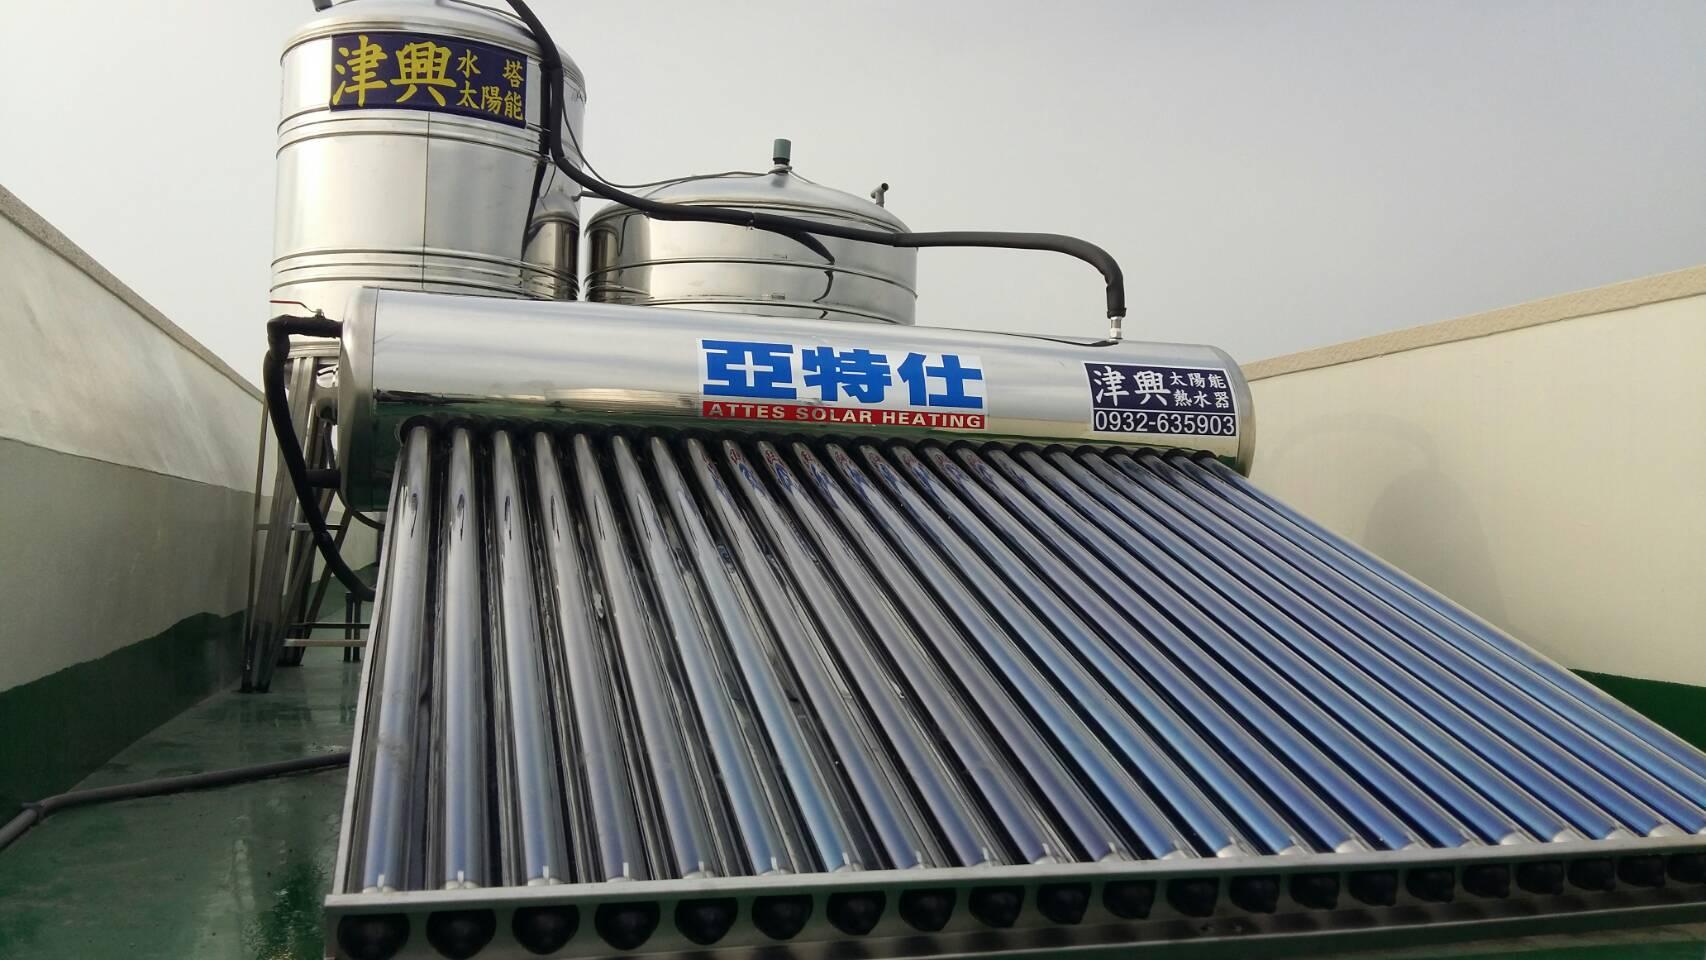 台南市柳營(公園巴洛克)-津興亞特仕真空管熱水器+1T高腳水塔